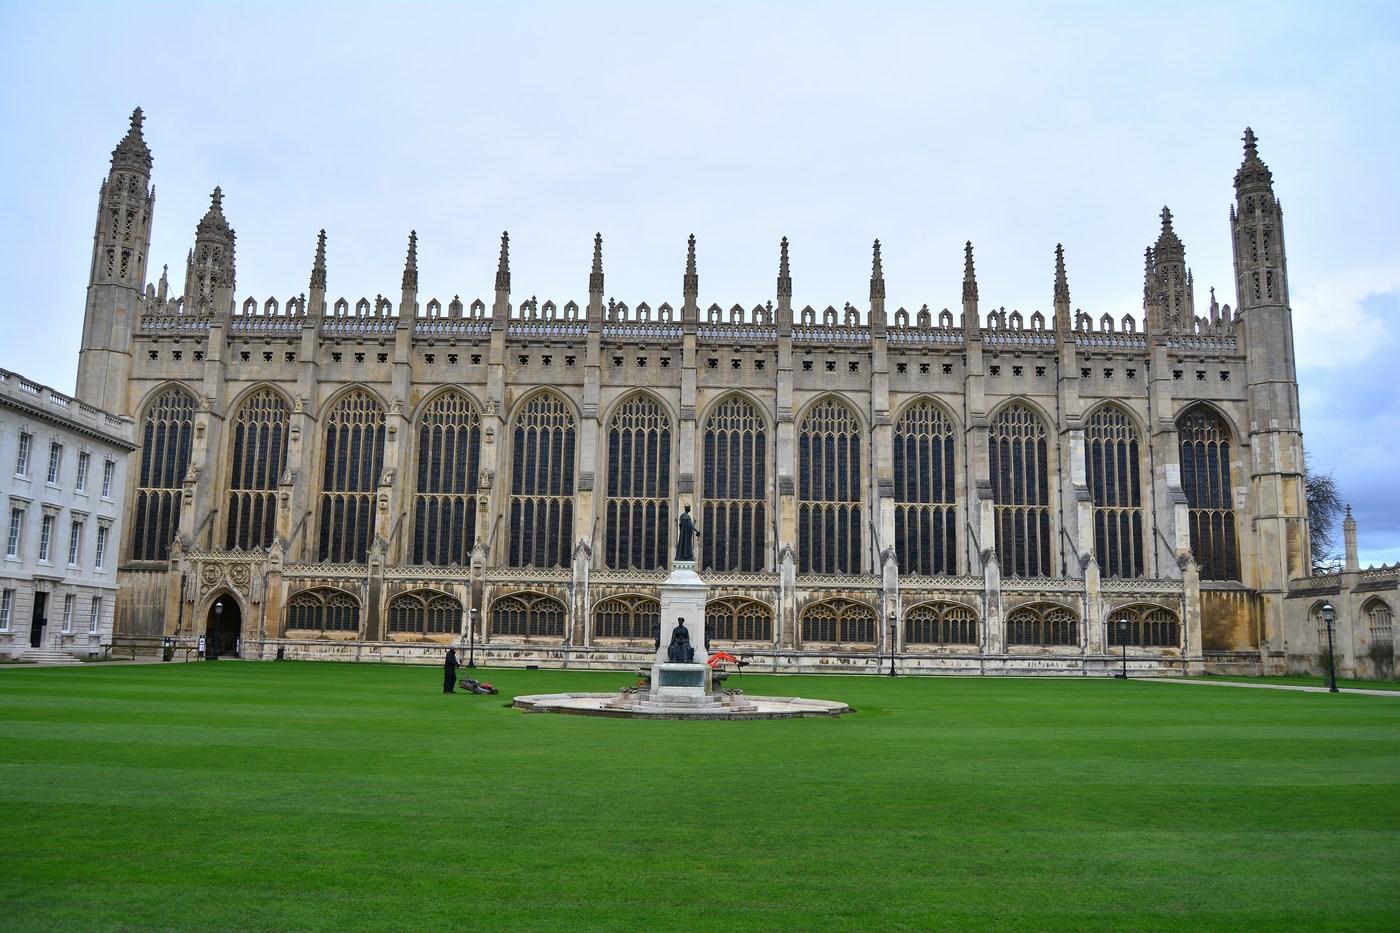 Voici la King's Chapelle depuis la cour intérieure du collège. Les 12 grandes fenêtres à vitraux datent du XVIème siècle.